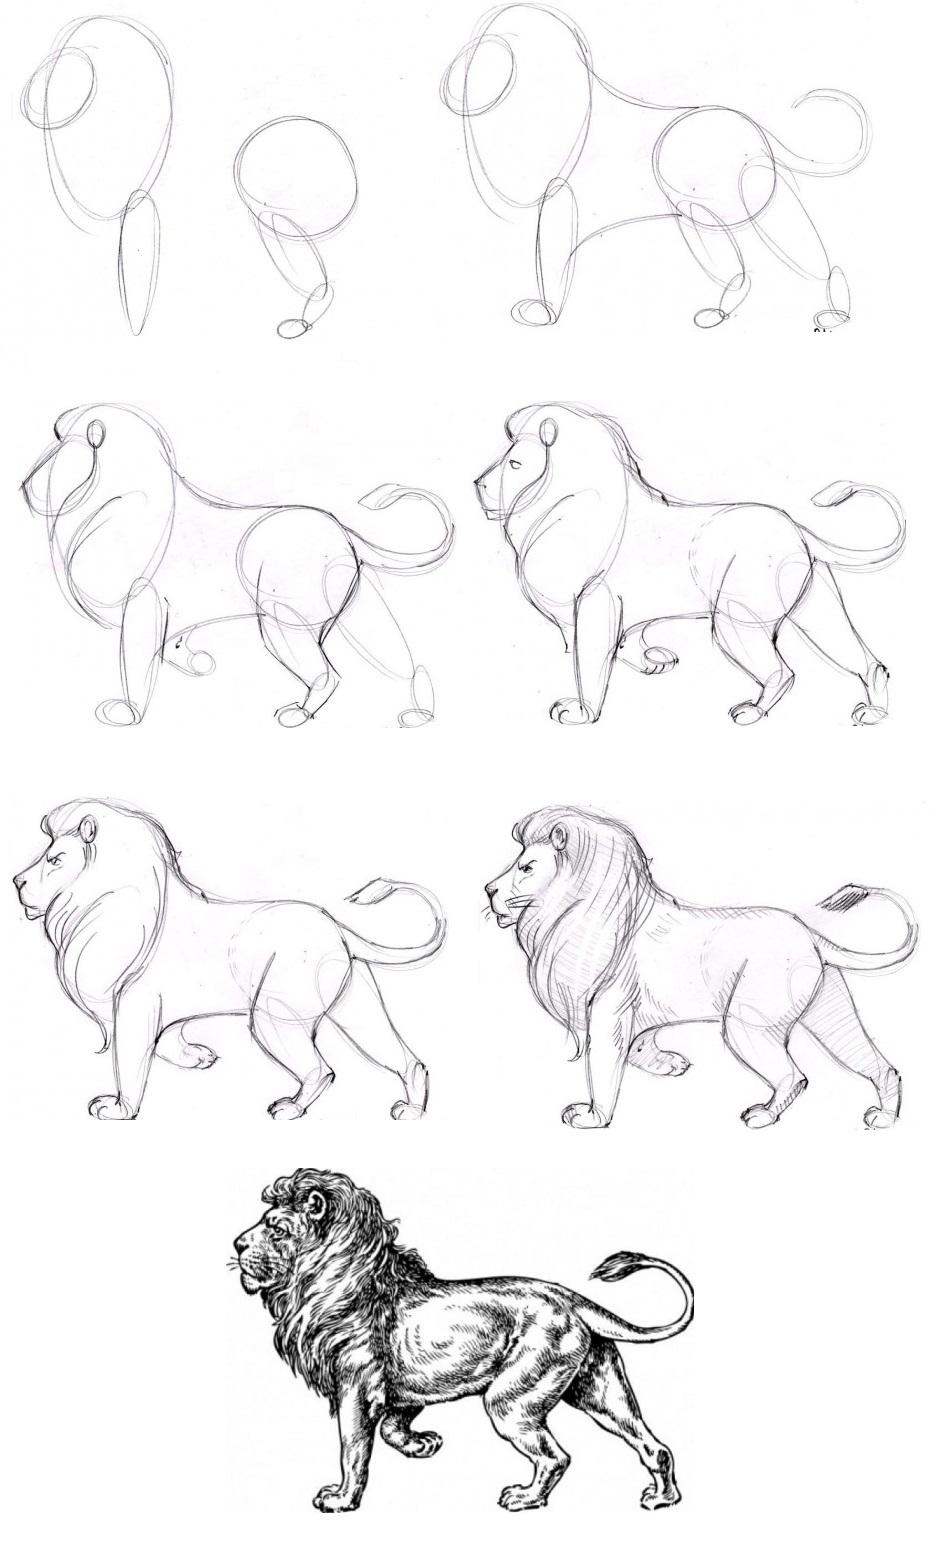 Как рисовать разные рисунки поэтапно